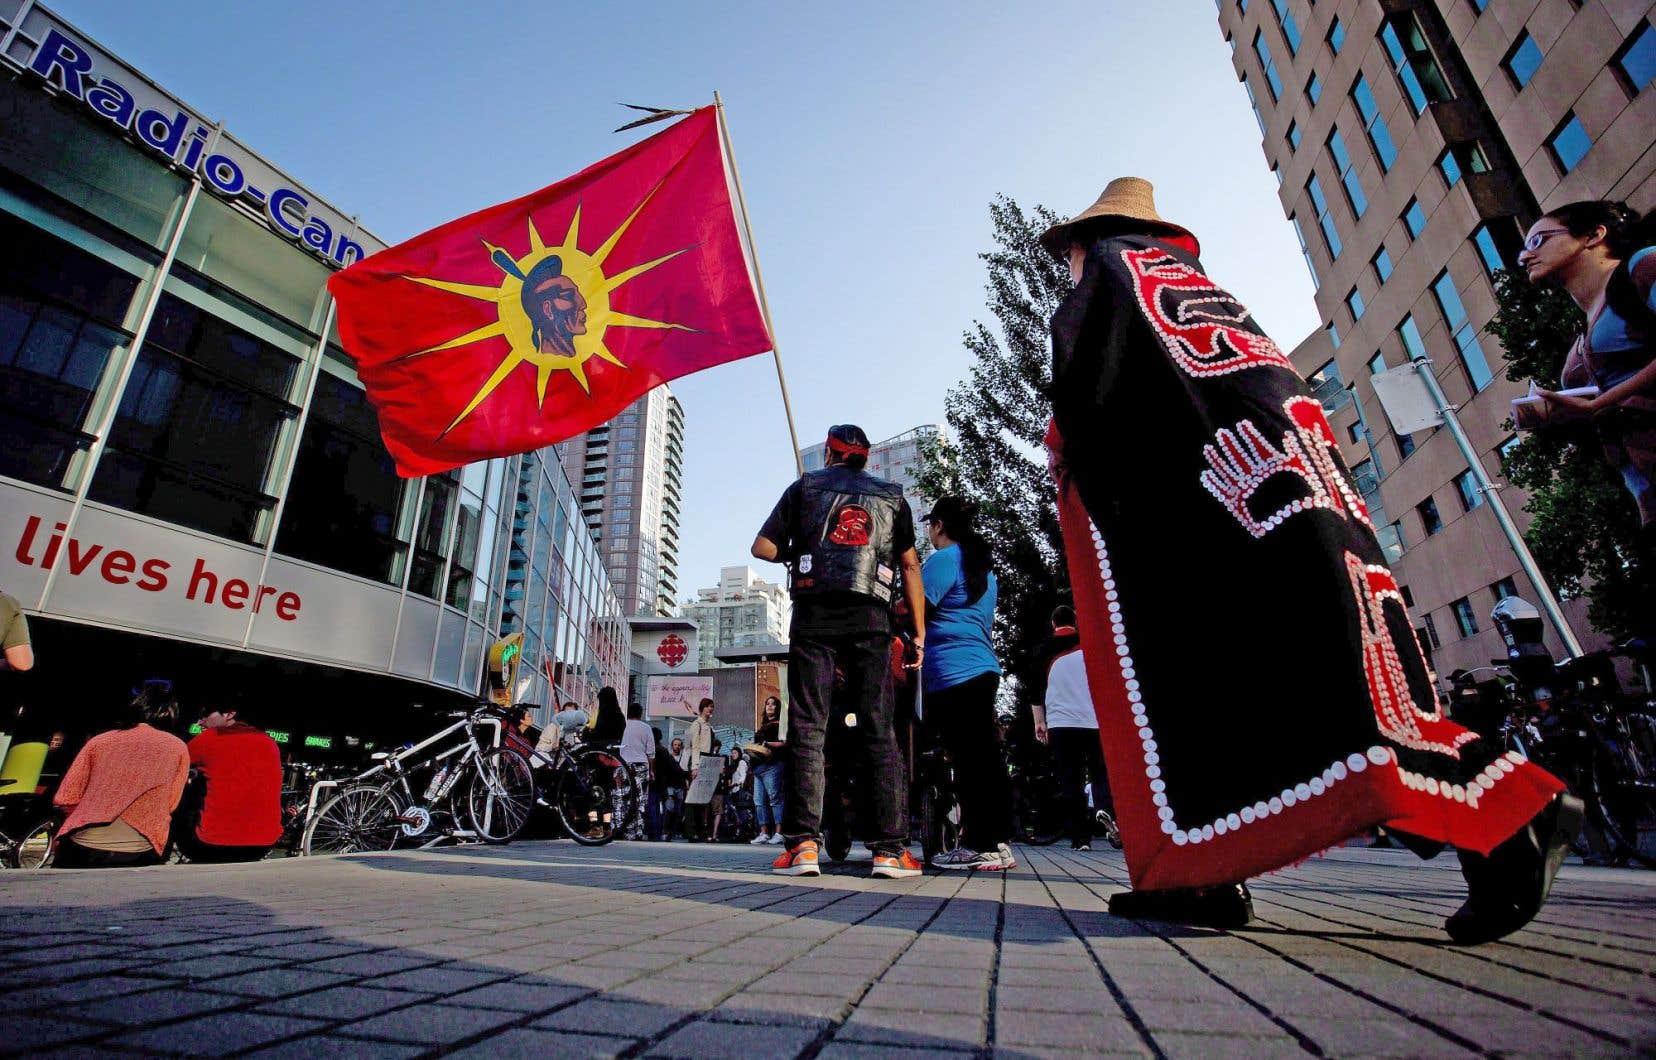 Des manifestants autochtones, dont un brandissant un drapeau mohawk, protestent contre le projet de pipeline Northern Gateway, à Vancouver. «Aujourd'hui, on voit partout les lignes de front du combat des autochtones», écrit Roméo Saganash.